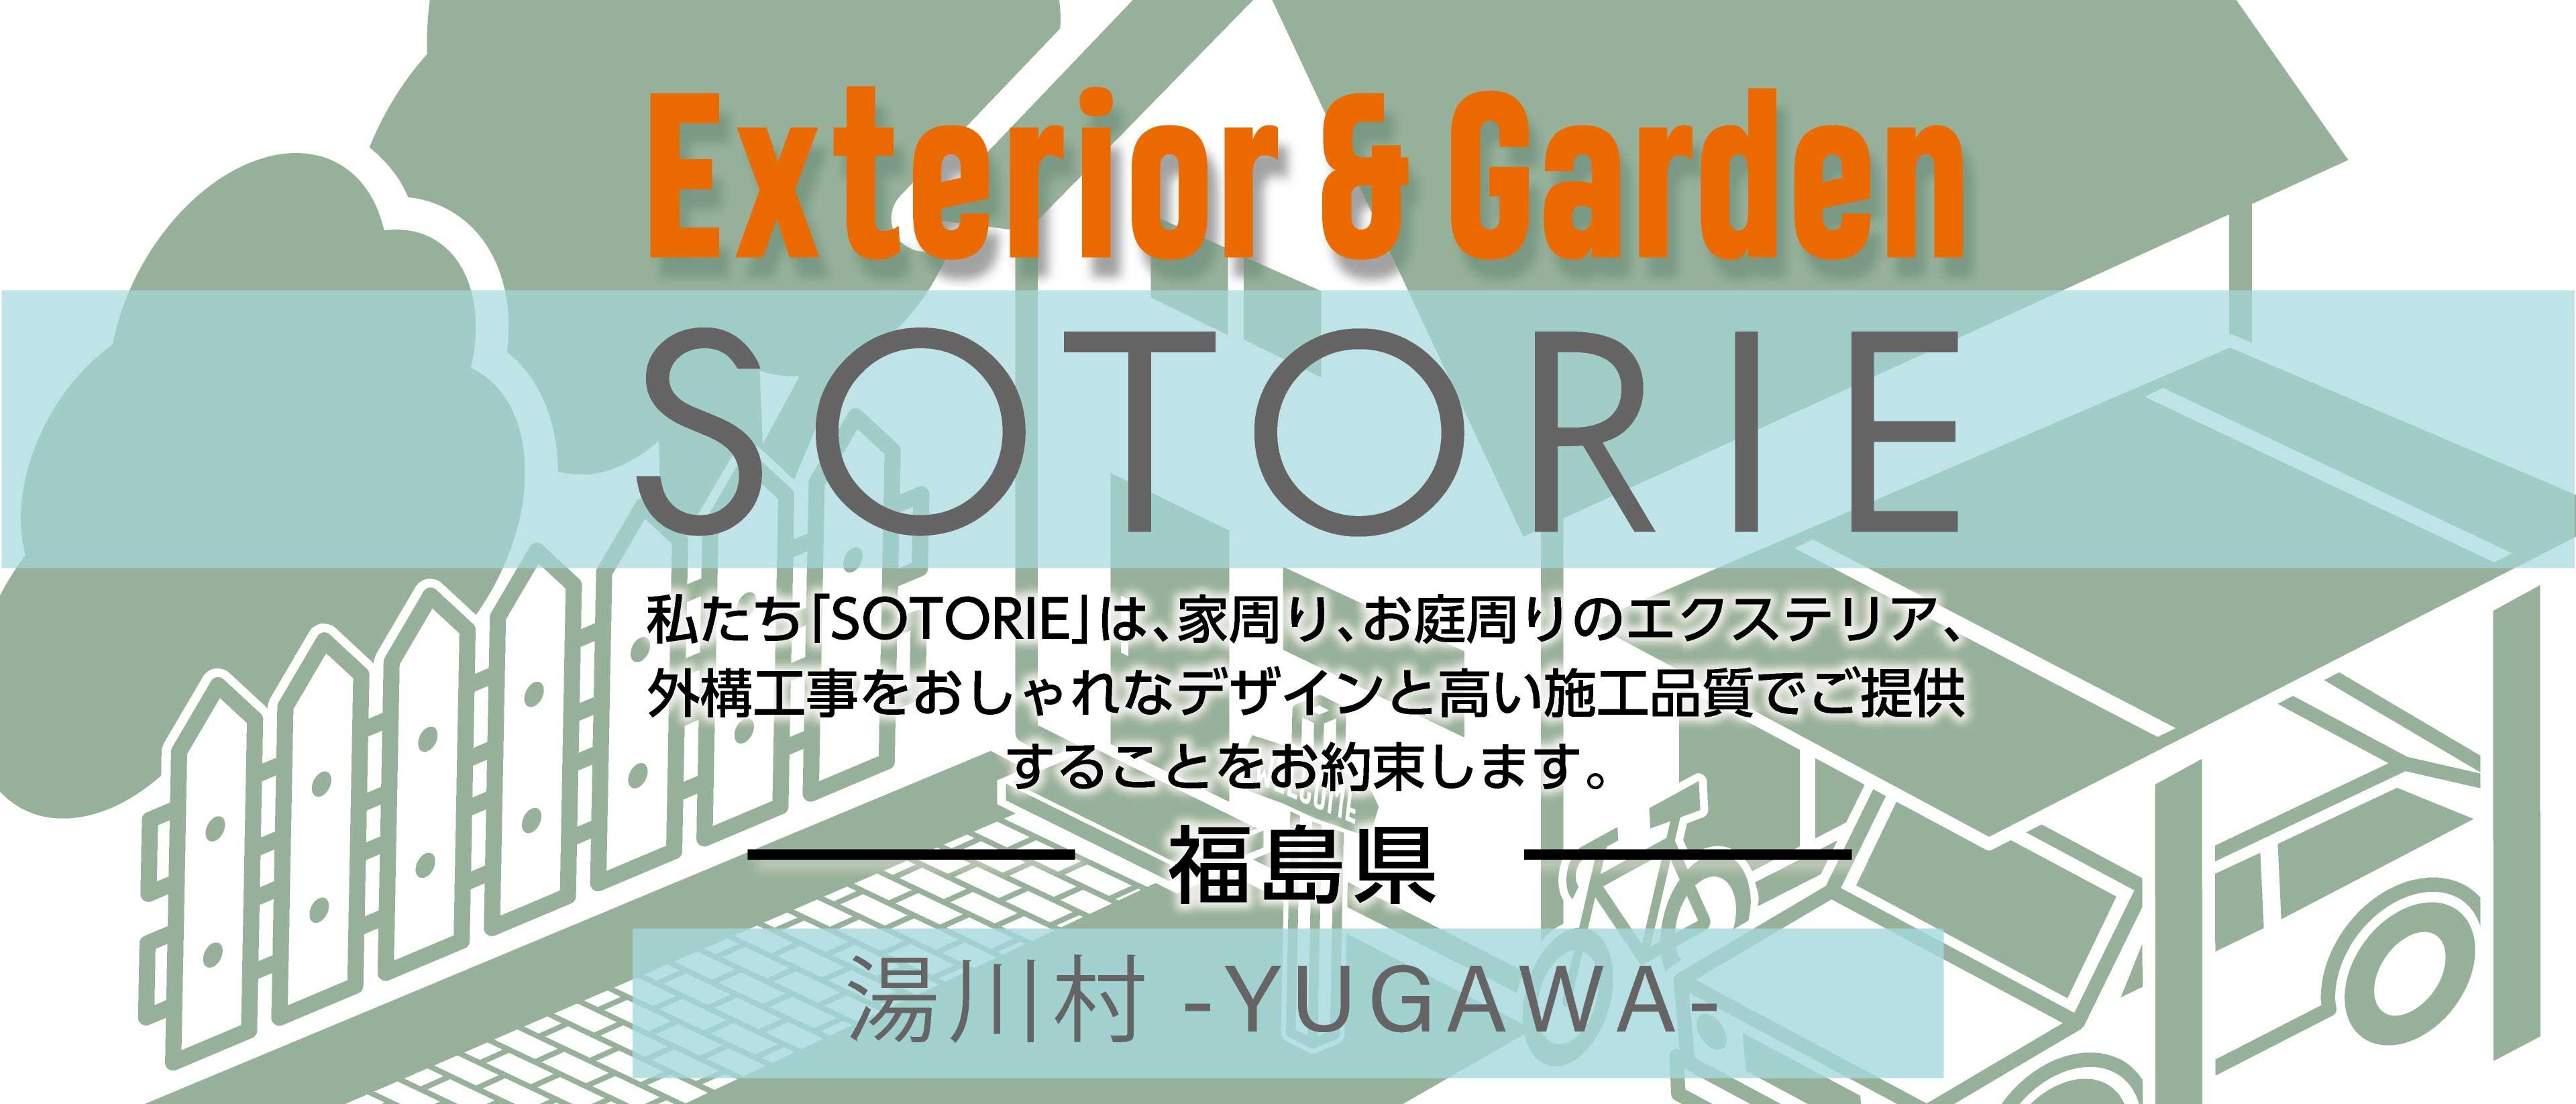 ソトリエ湯川村では、家周りと庭周りの外構、エクステリア工事をおしゃれなデザインと高い施工品質でご提供することをお約束します。